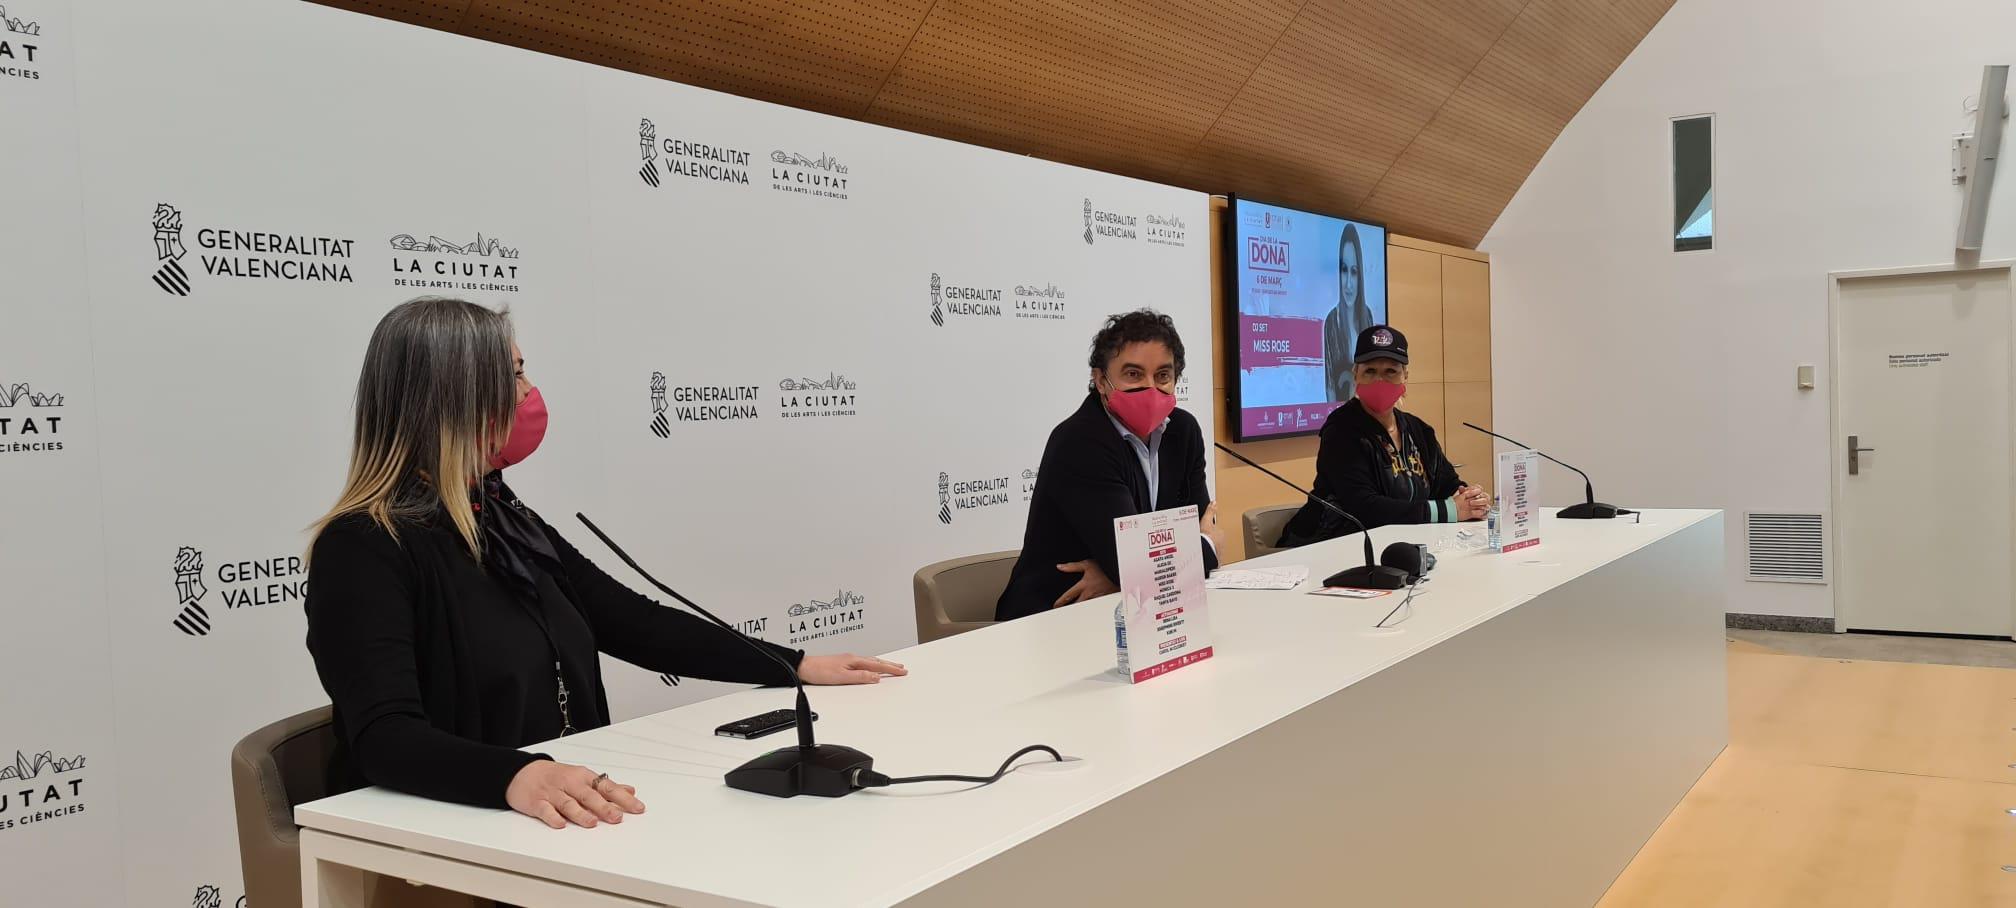 """Colomer reivindica el vínculo de la marca """"Mediterranew Music"""" con el Festival del Día de la Dona para dar visibilidad al talento femenino"""